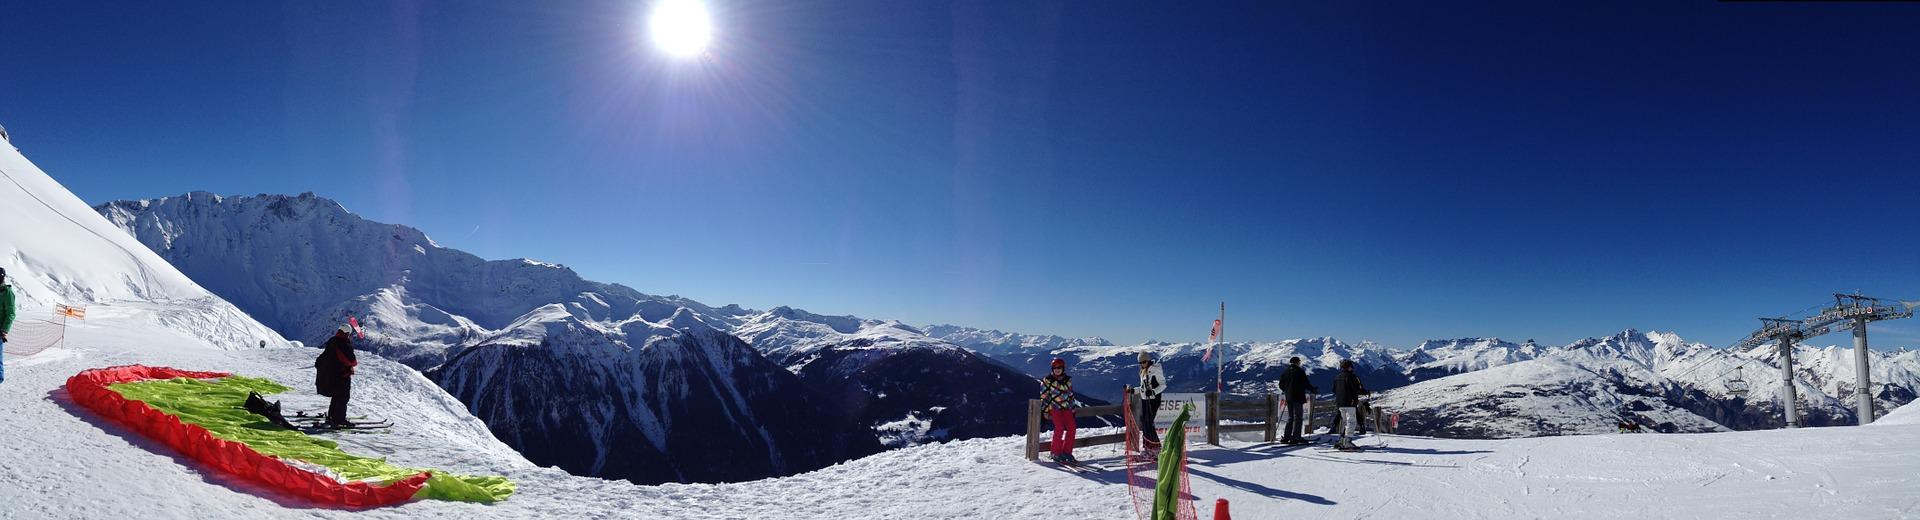 Französische Alpen - Frankreich Skifahren ab 159,00€ die Woche